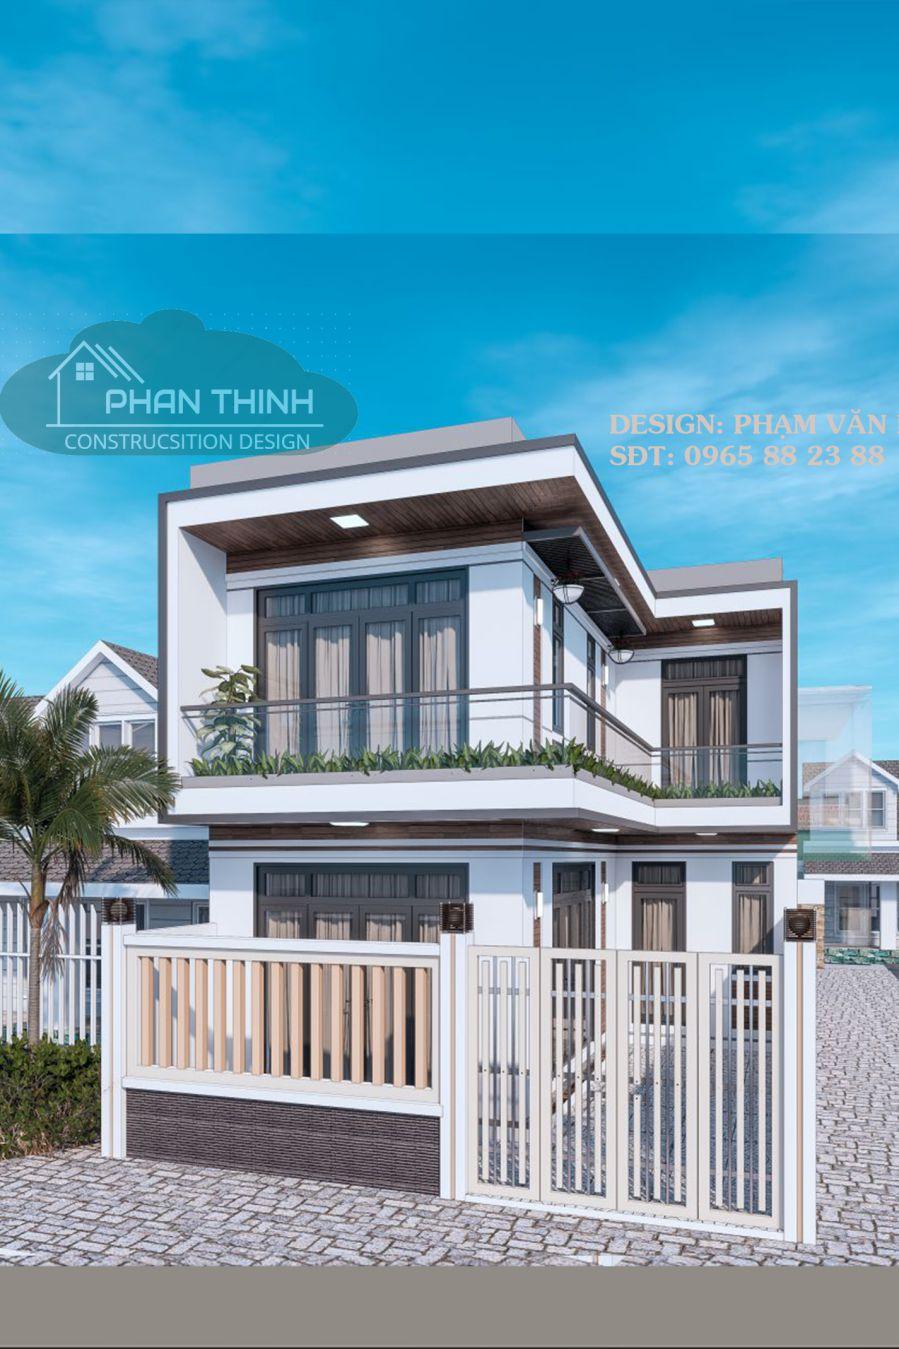 Phối cảnh ngôi nhà 2 tầng tại phường Hoành Bồ thành phố Hạ Long